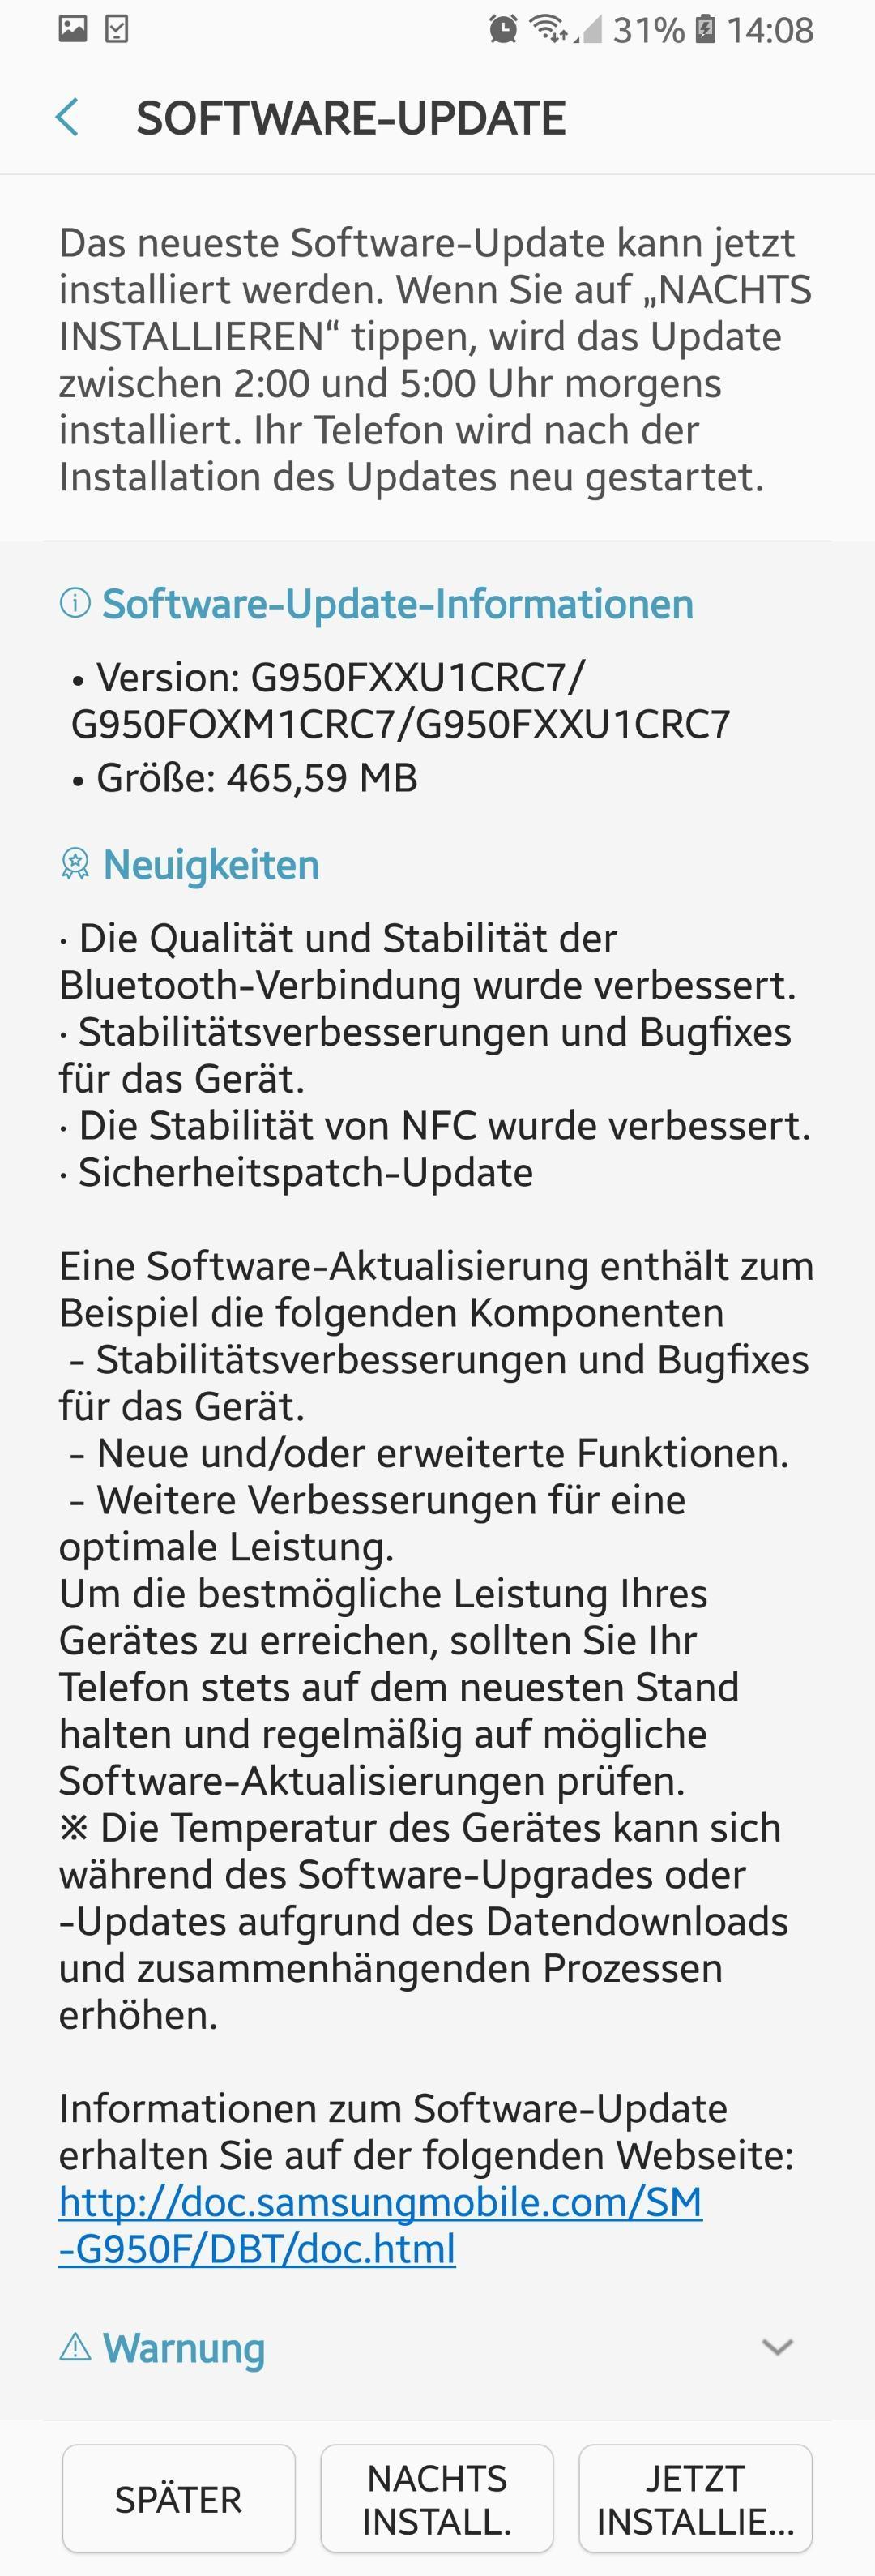 Samsung Galaxy S8 und S8+ Update: März-Patches, Fix für Blueetooth und NFC techboys.de • smarte News, auf den Punkt!